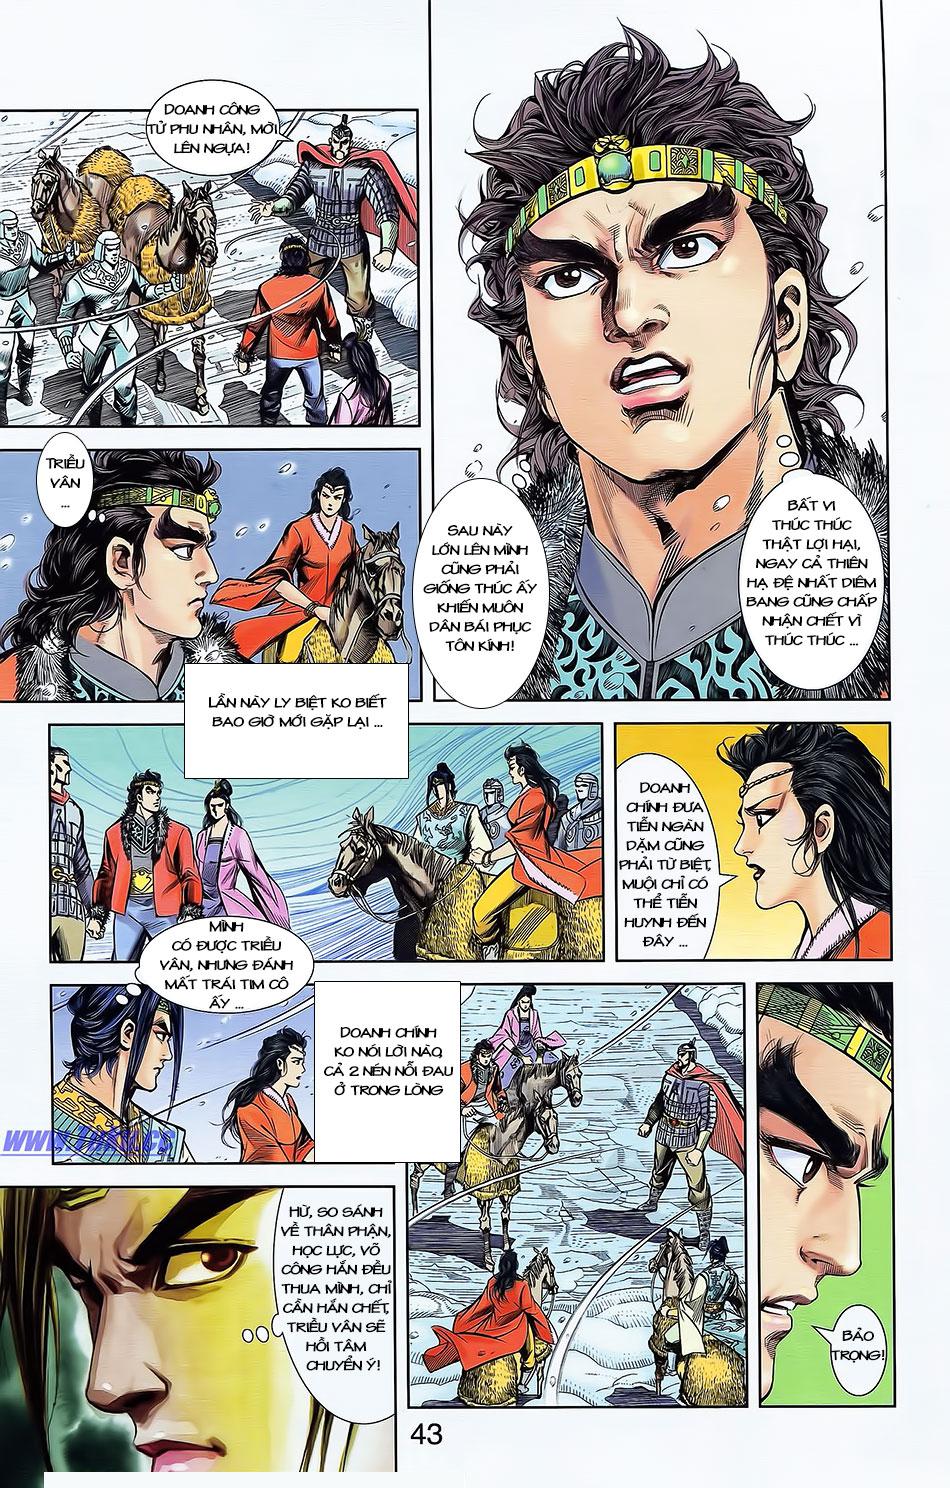 Tần Vương Doanh Chính chapter 4 trang 14